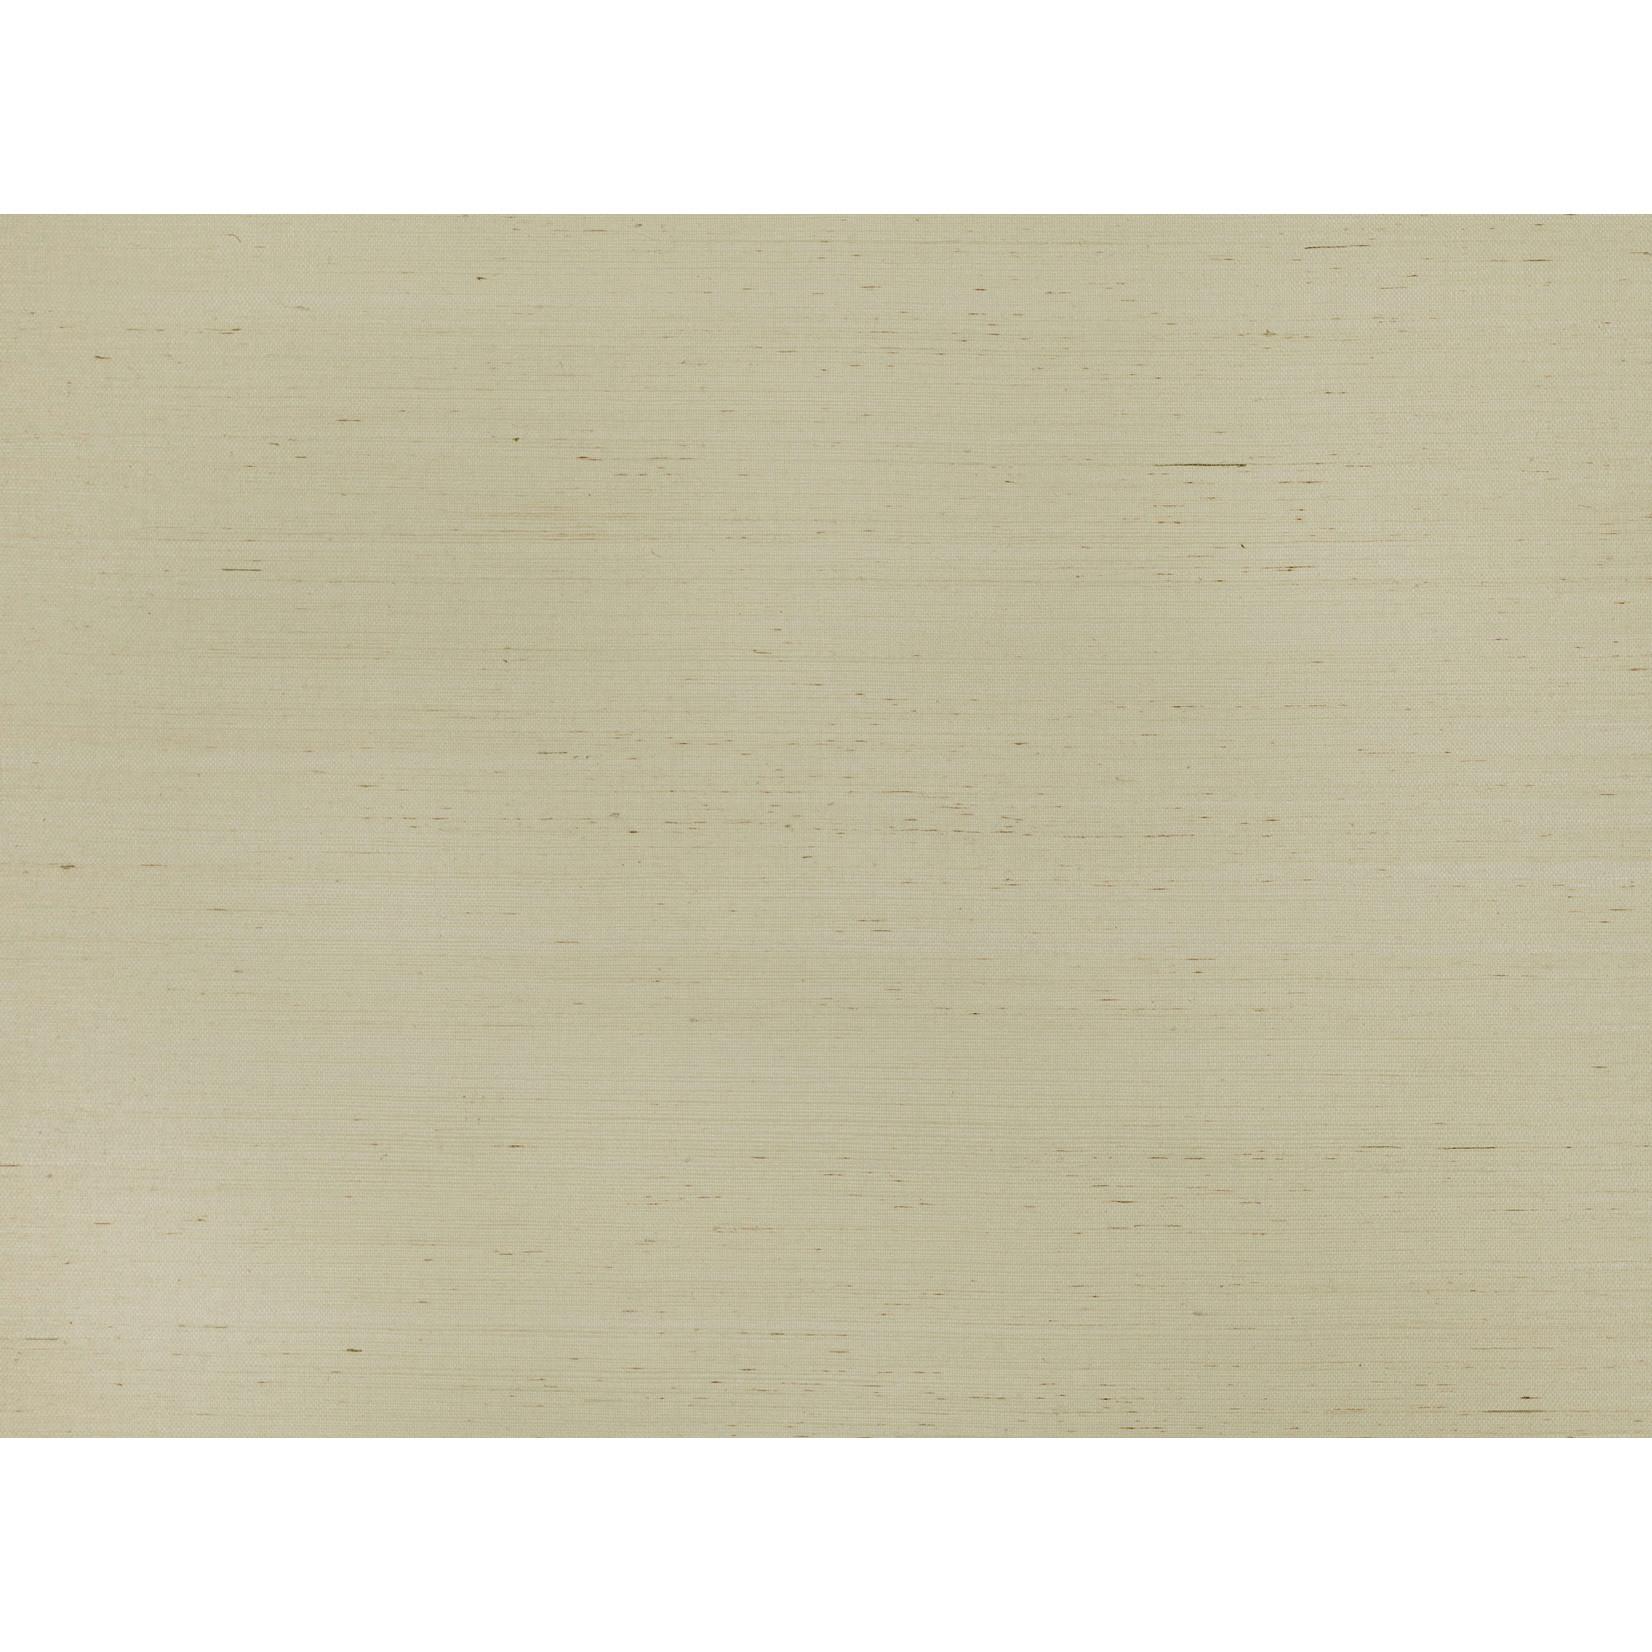 Mark Alexander Grasscloth Handwoven Wallcoverings | Sisal Shell